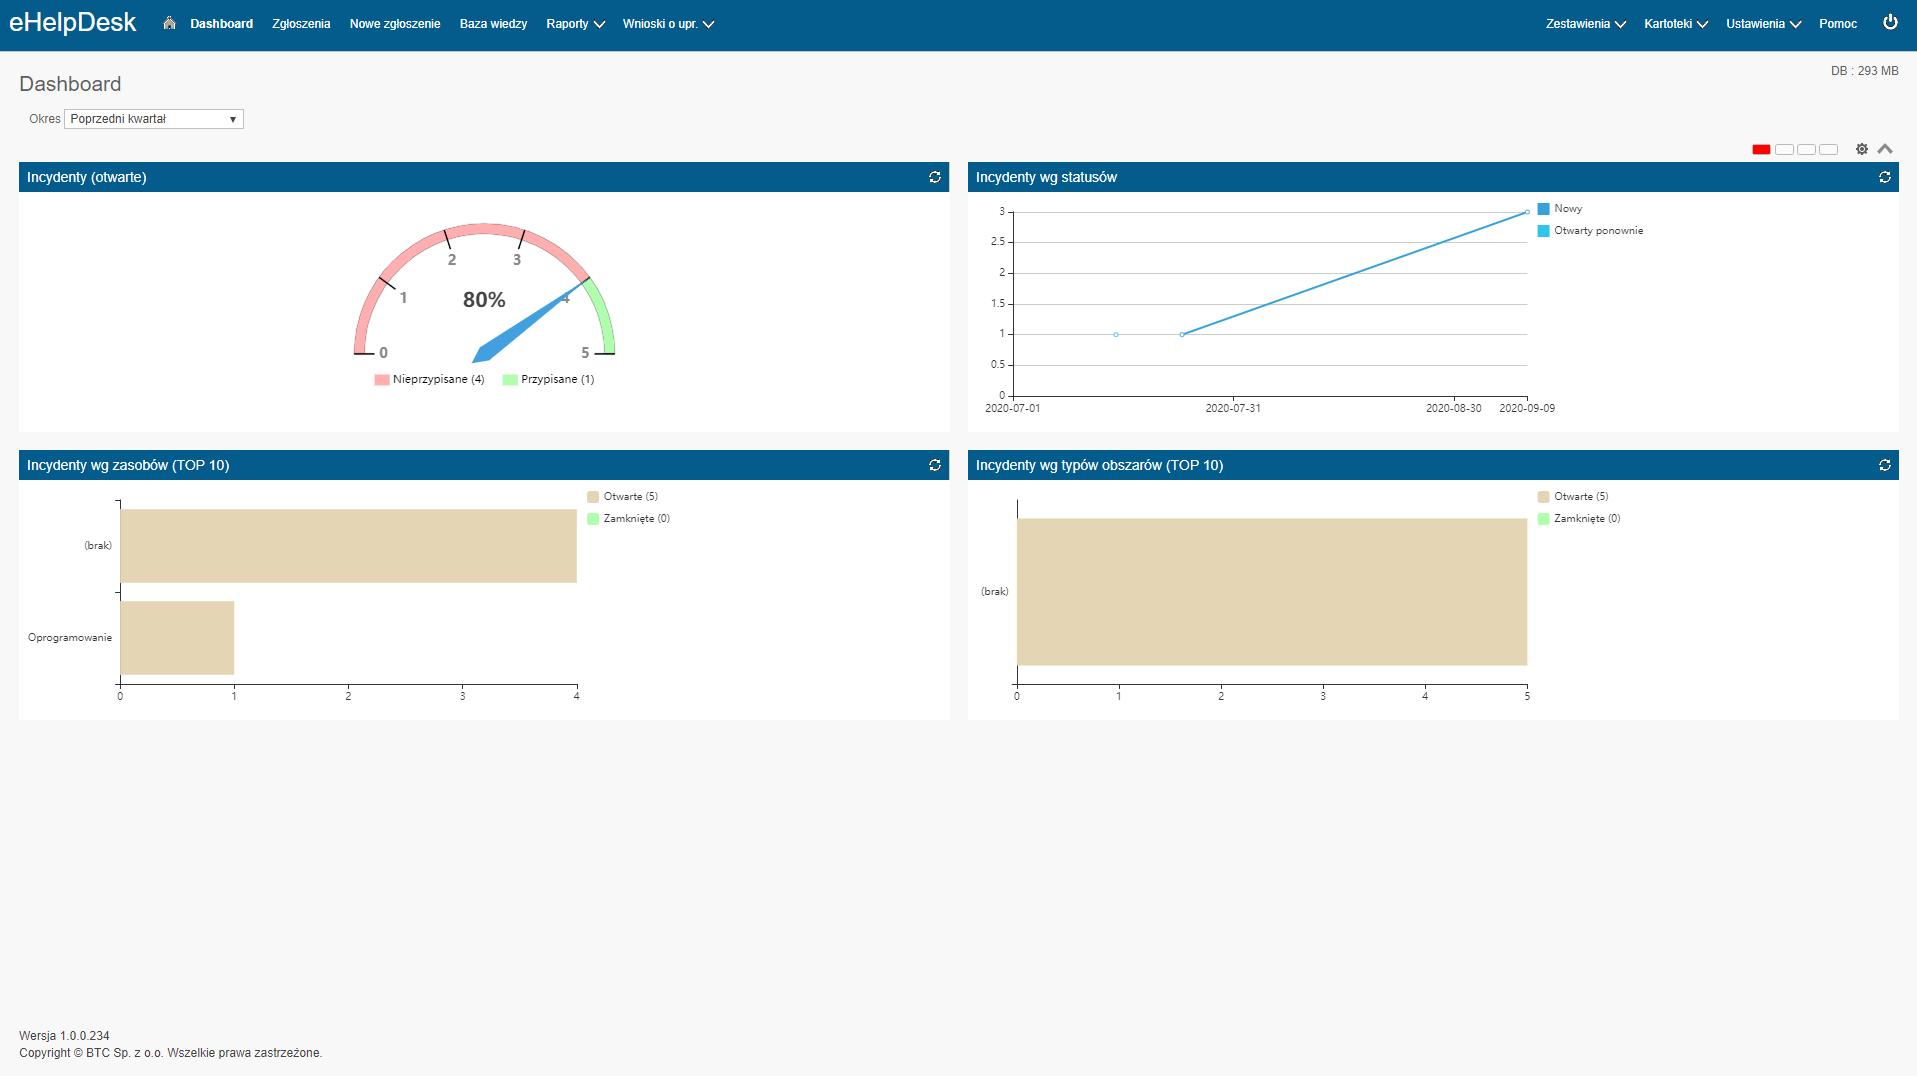 System eAuditor, Hyprovision DLP, RODOprotektor lub eHelpDesk